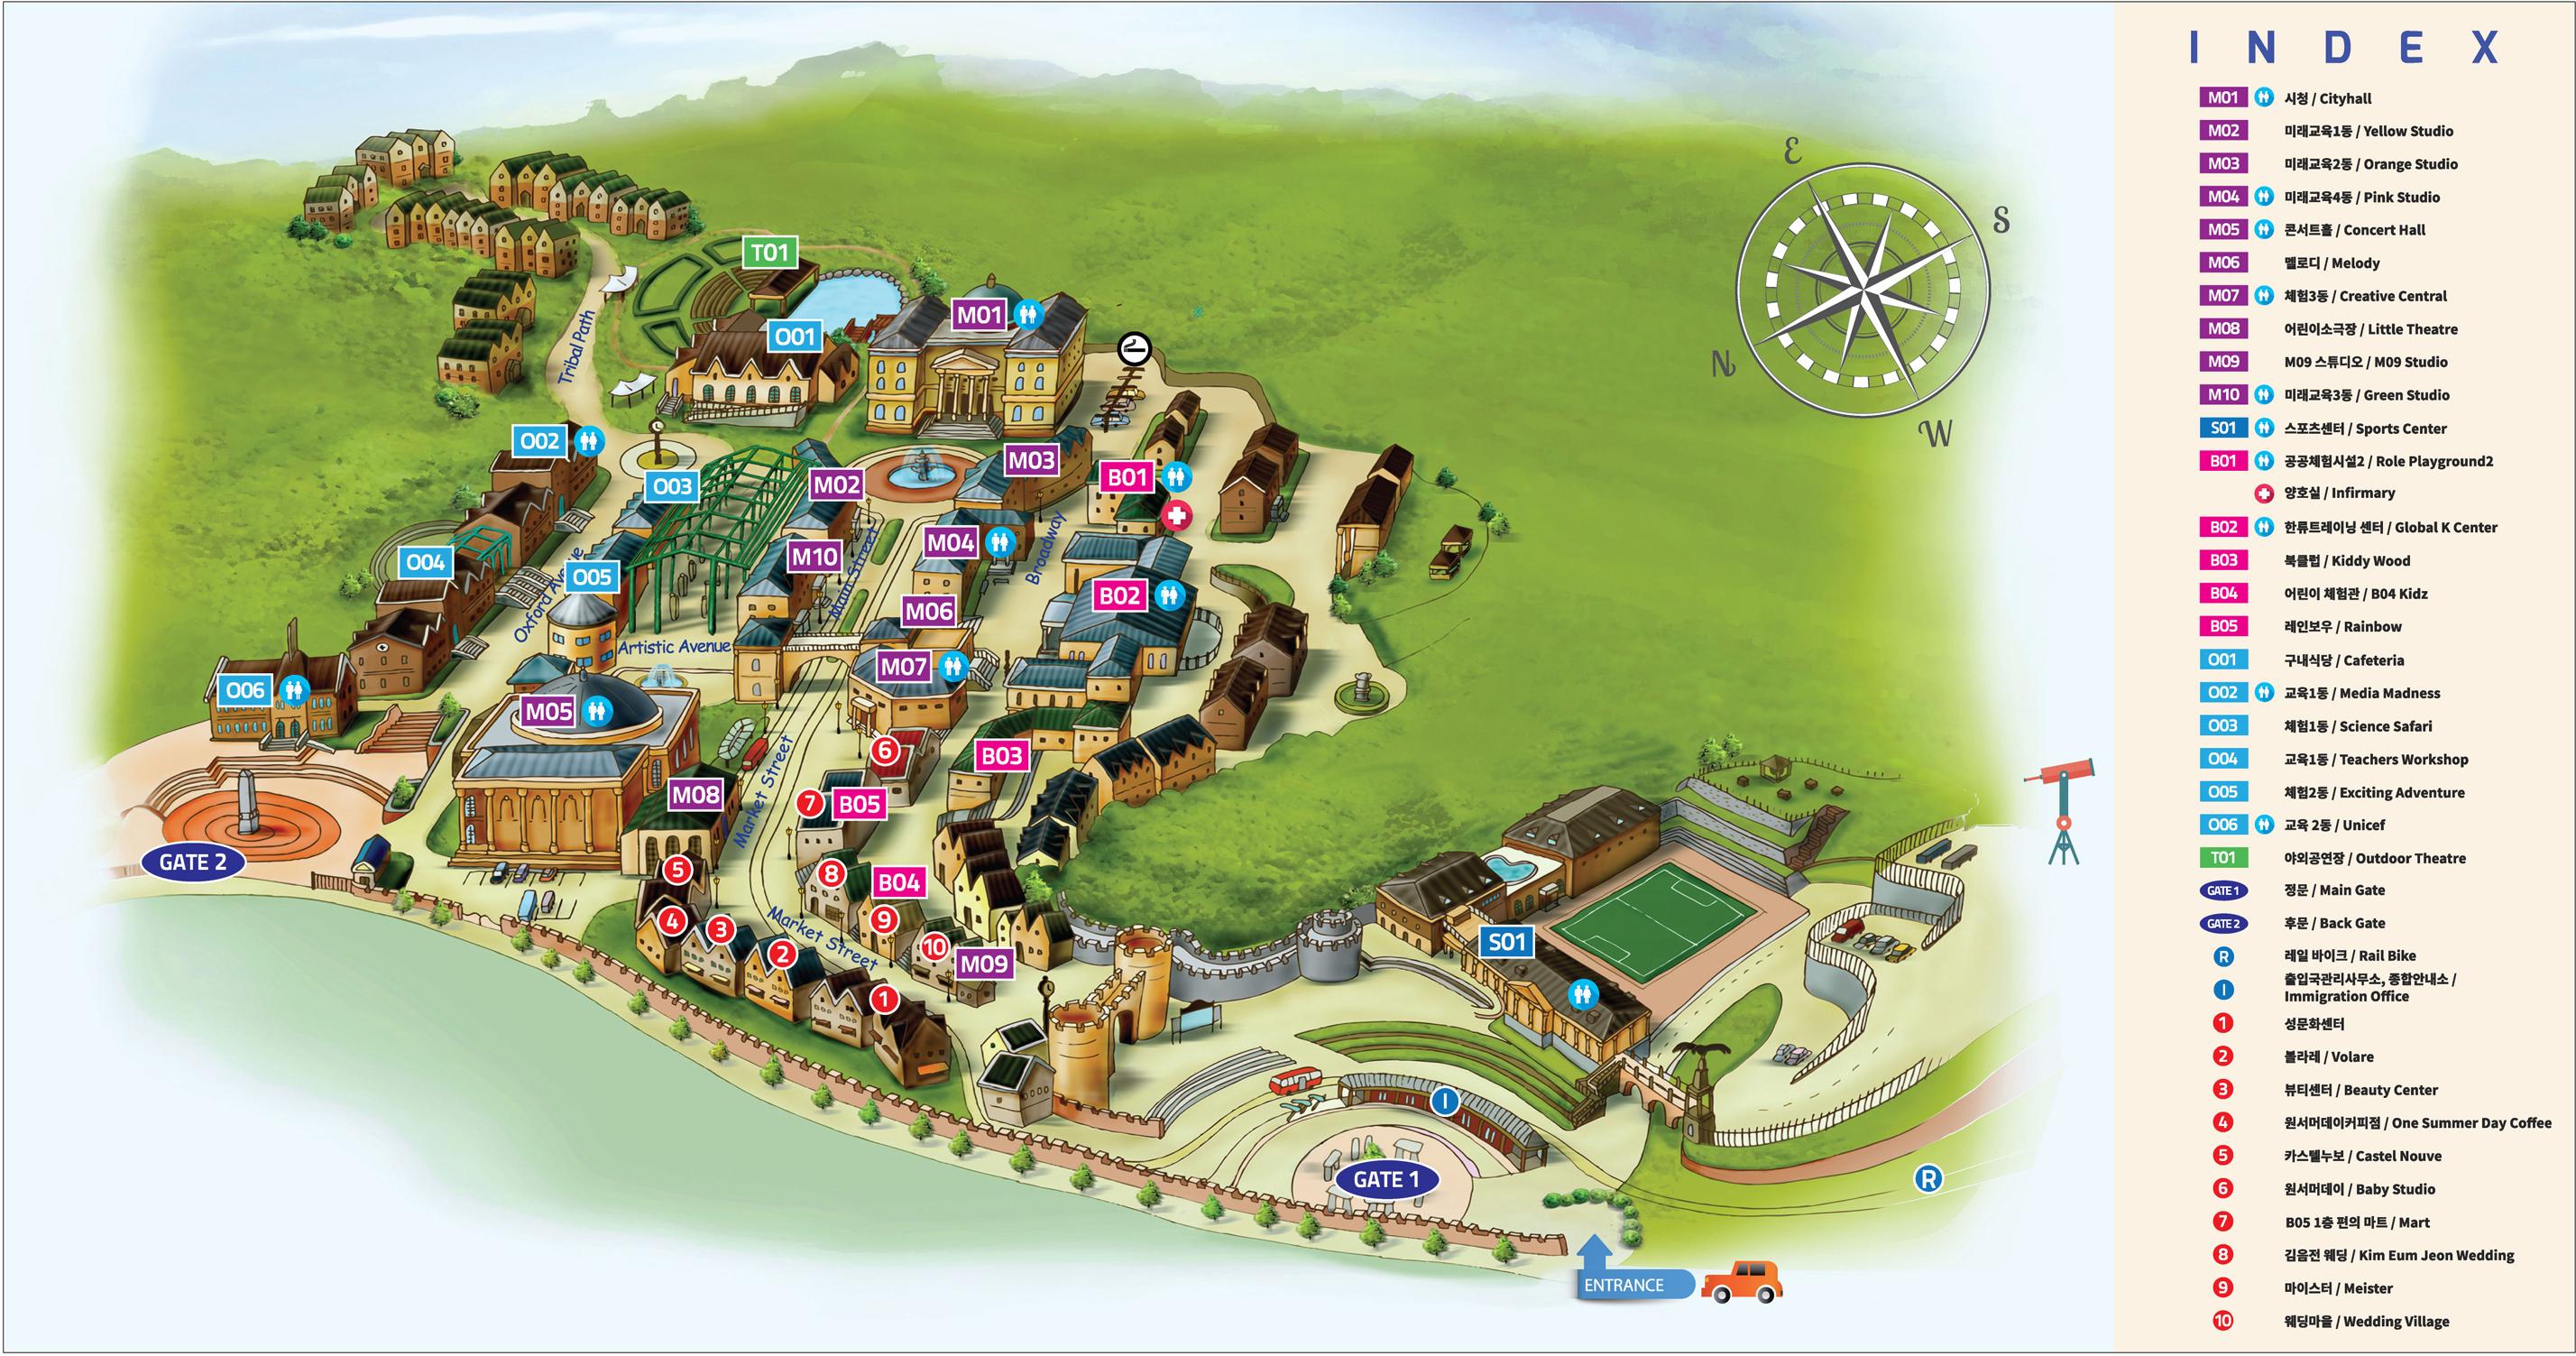 체인지업캠퍼스 지도 이미지